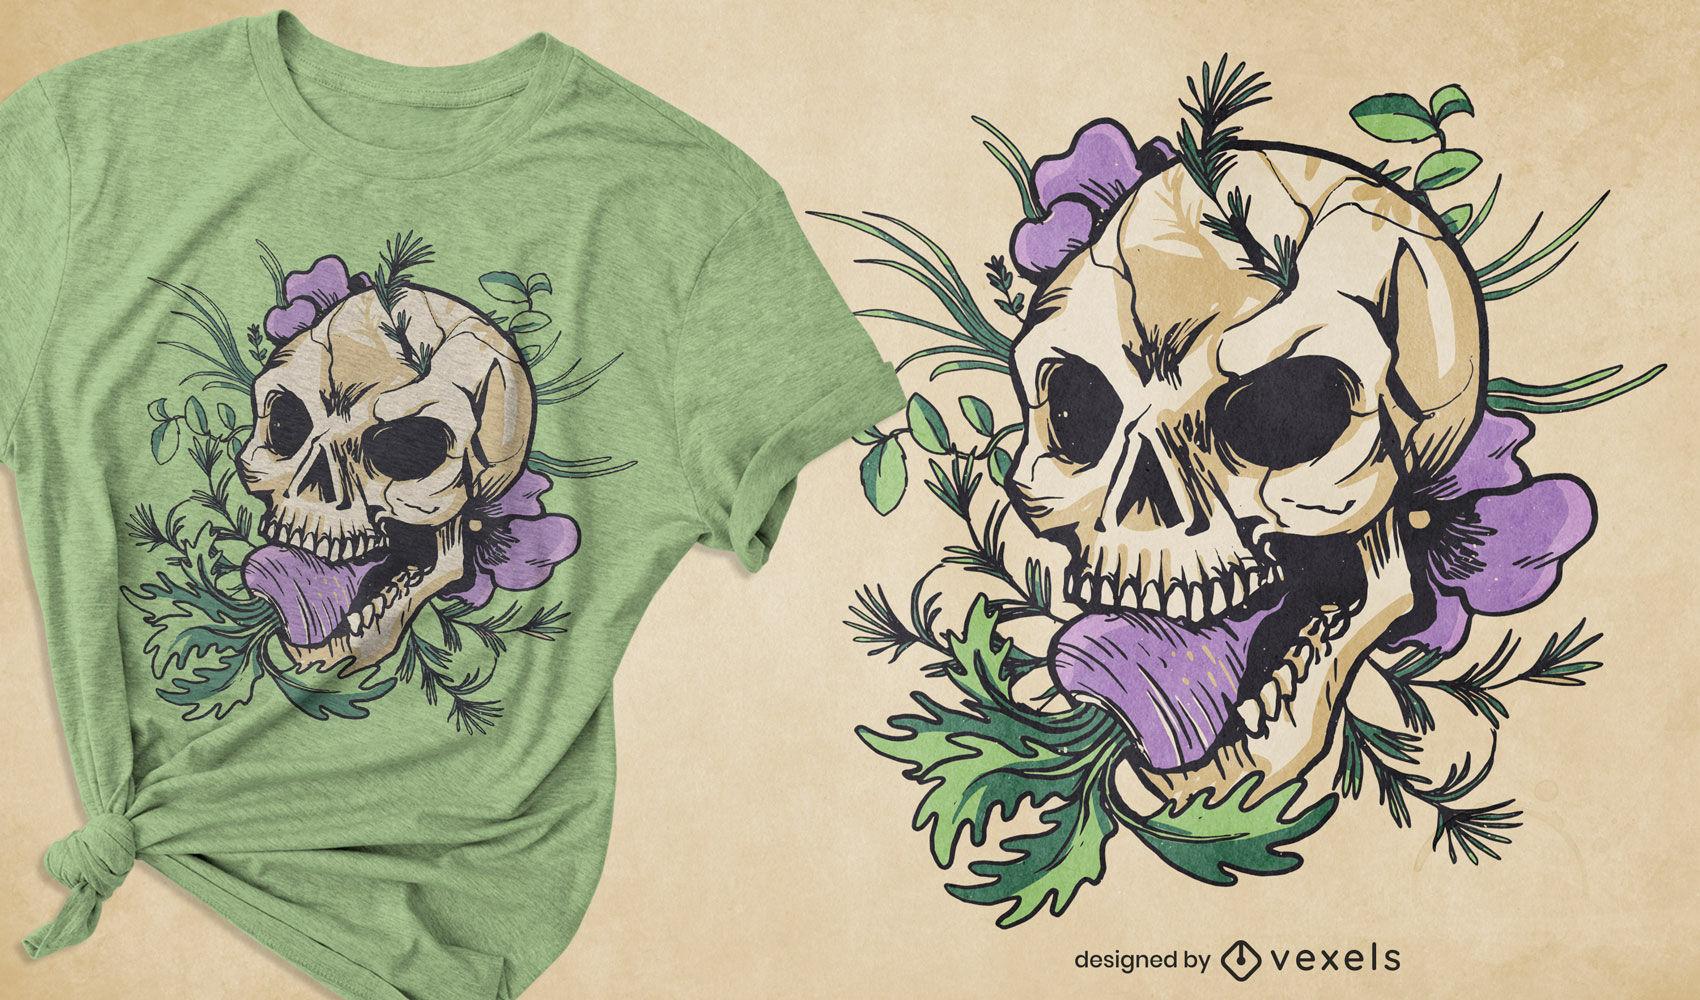 Turnip skull t-shirt design